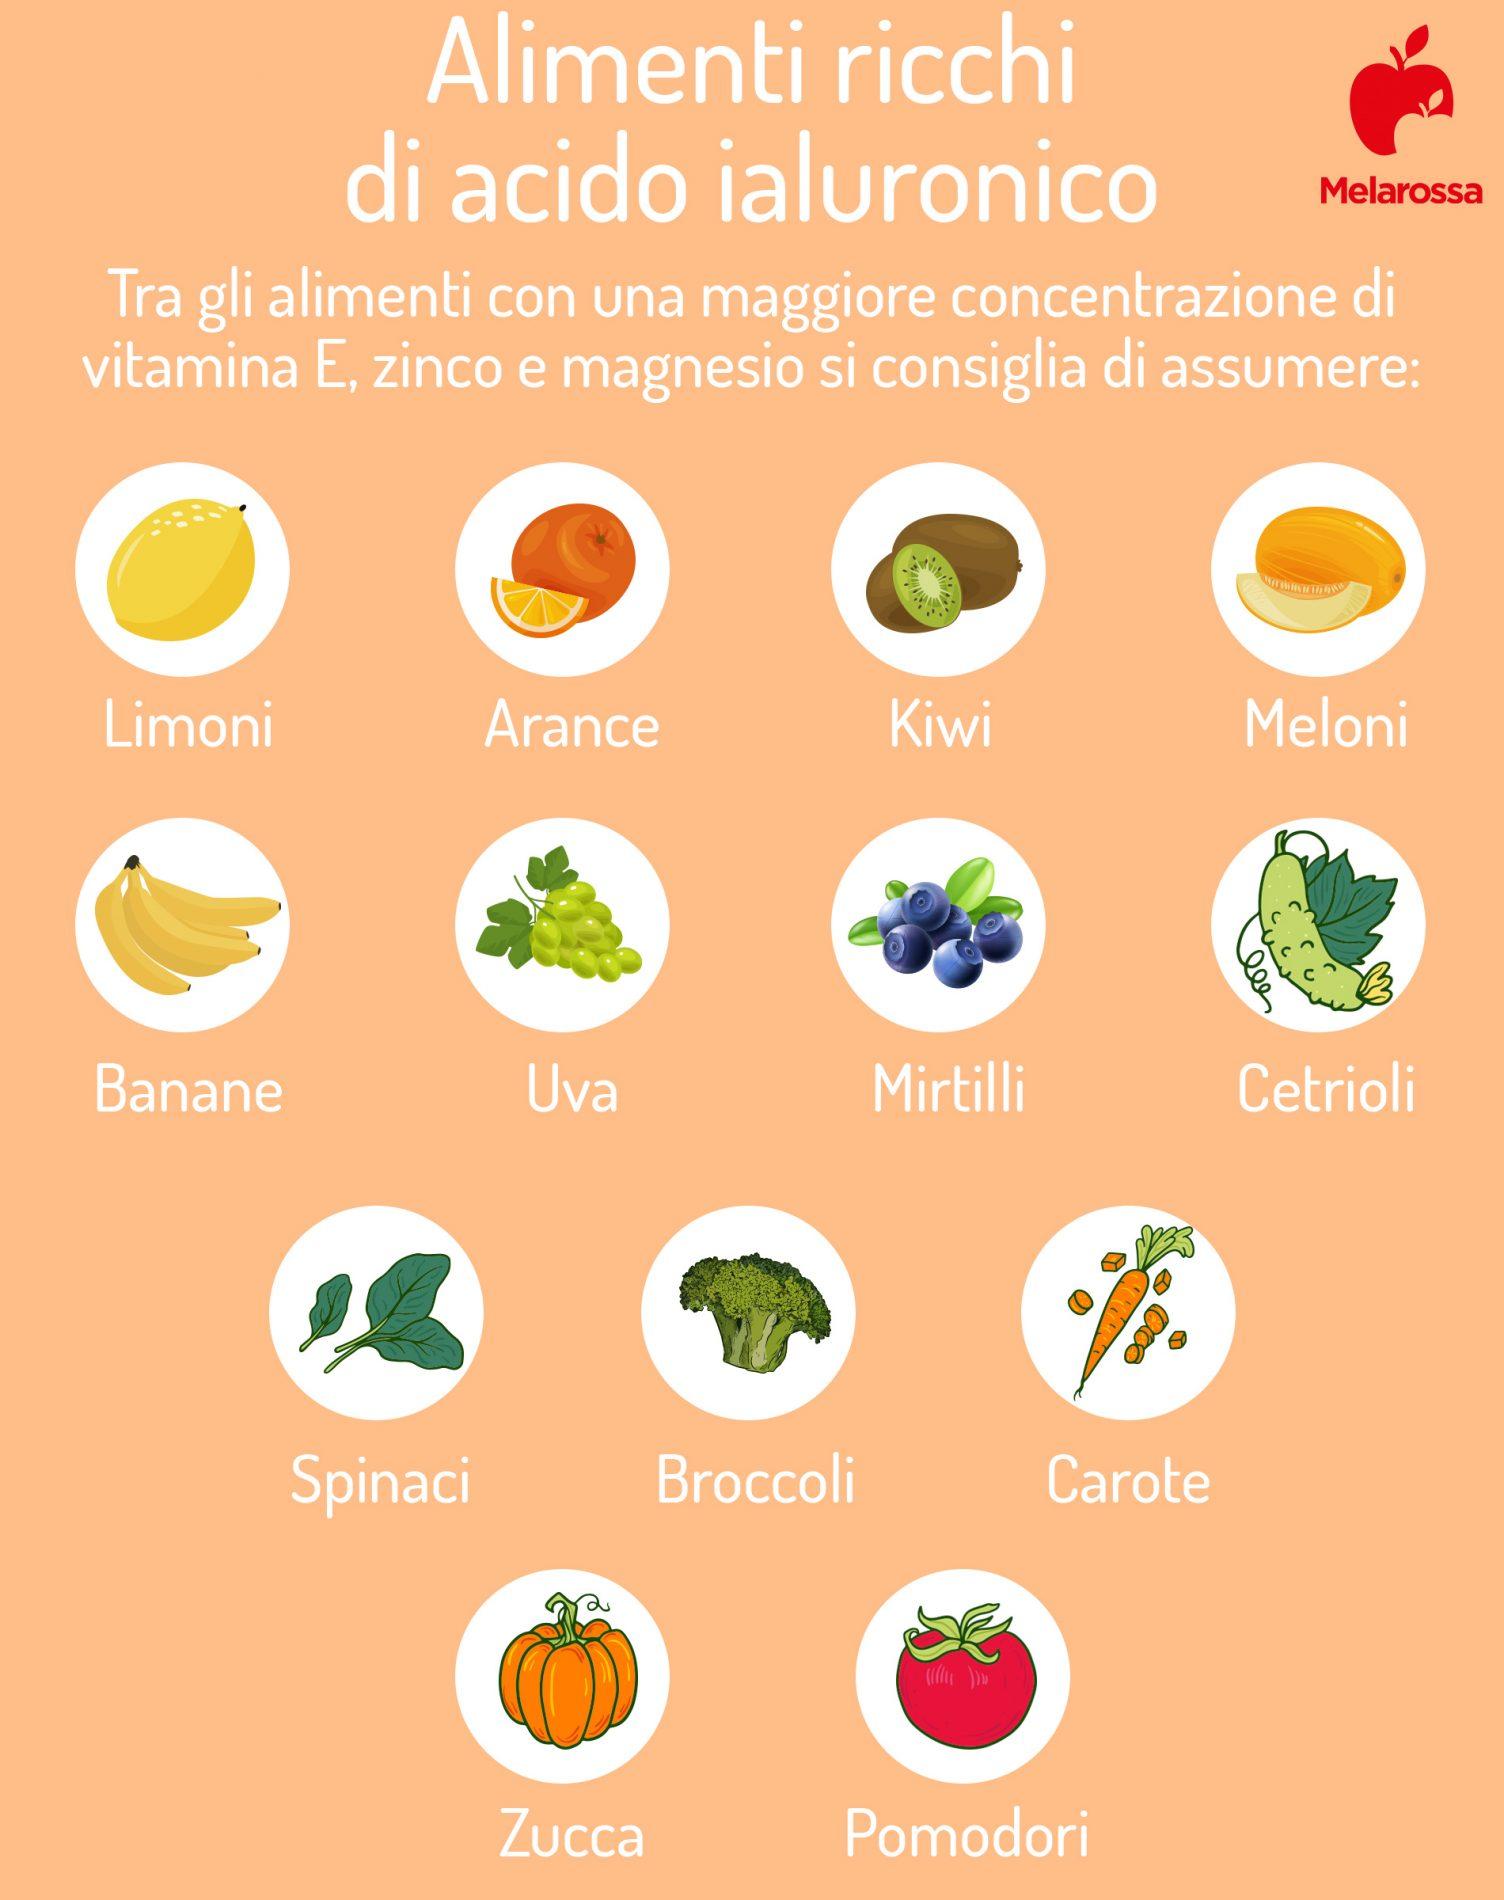 alimenti ricchi di acido ialuronico